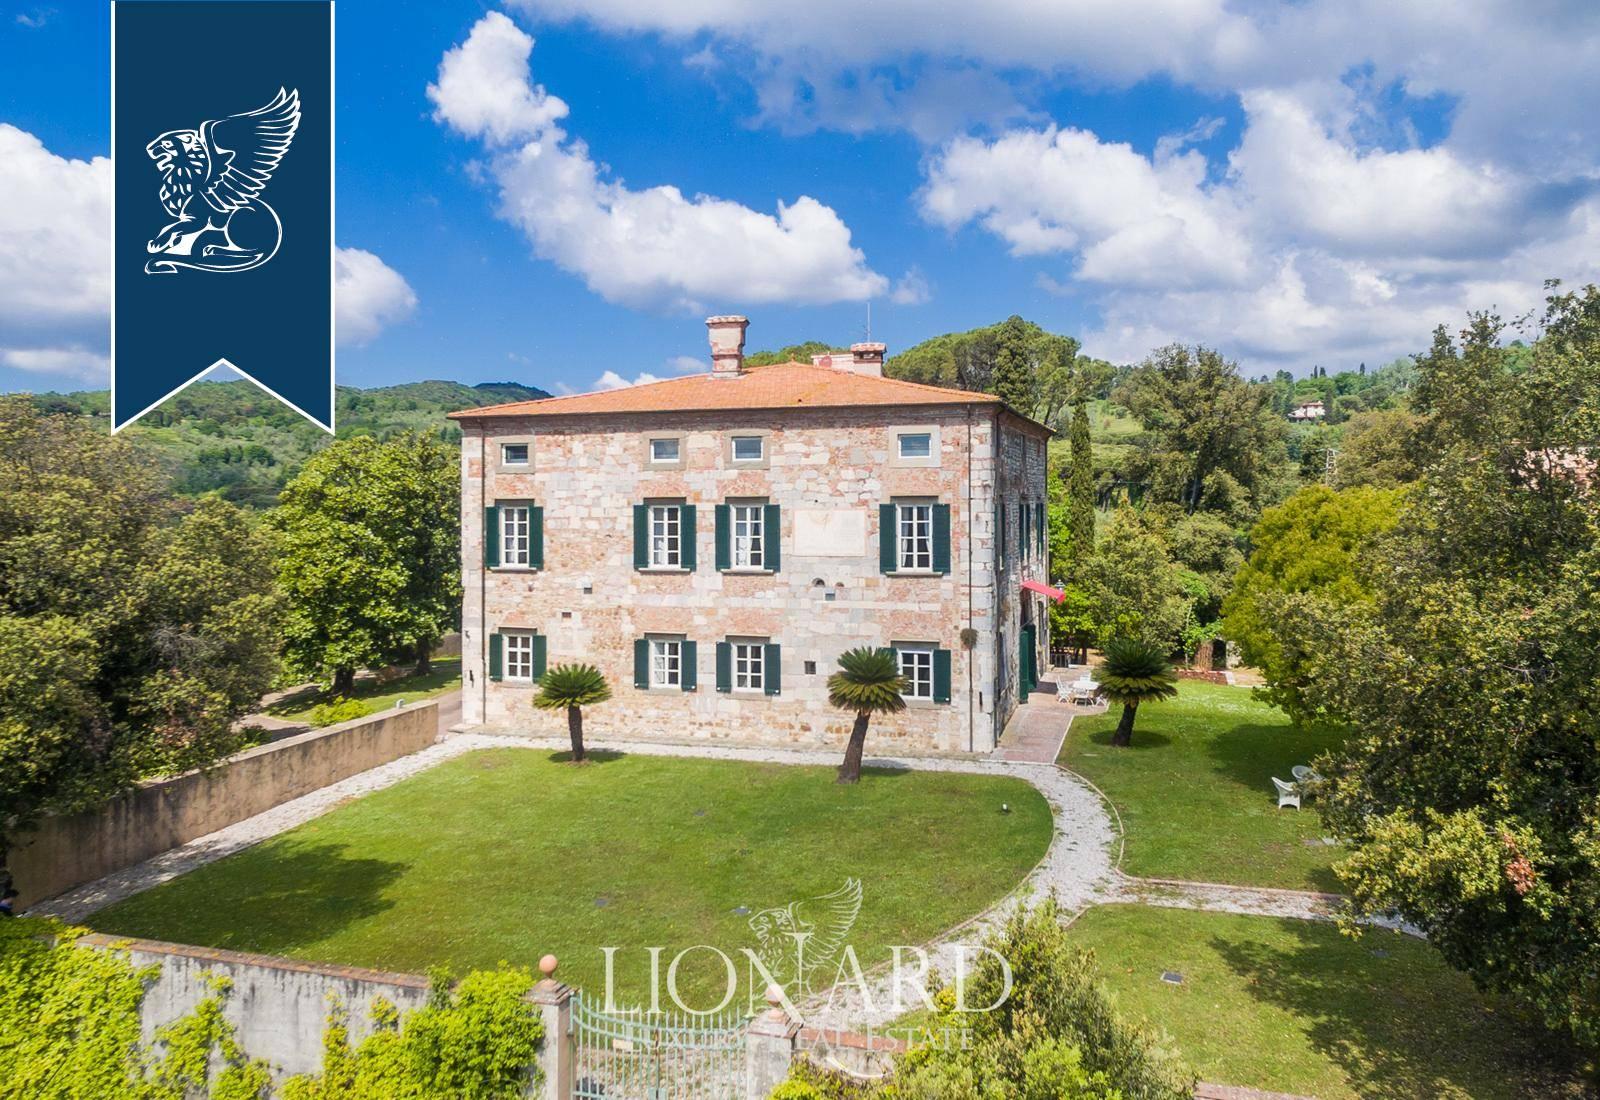 Villa in Vendita a Vecchiano: 0 locali, 1340 mq - Foto 6